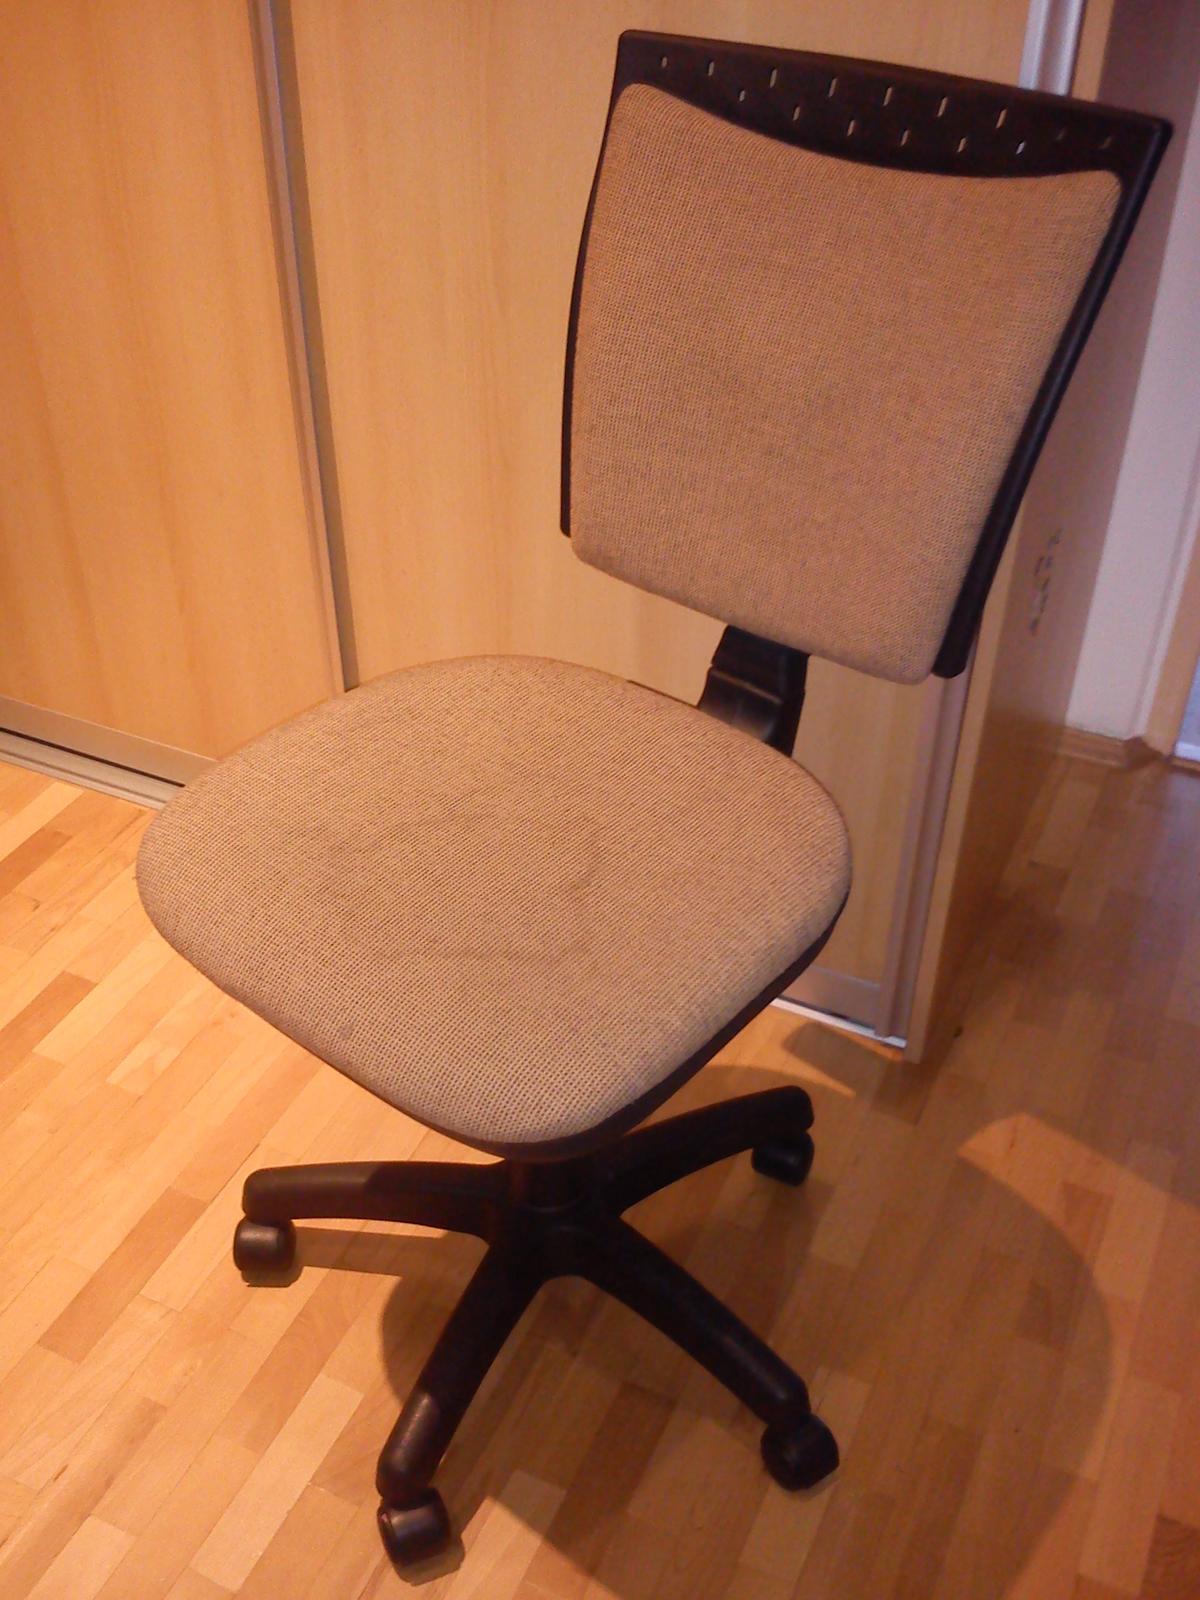 kancelársku stoličku - Obrázok č. 1